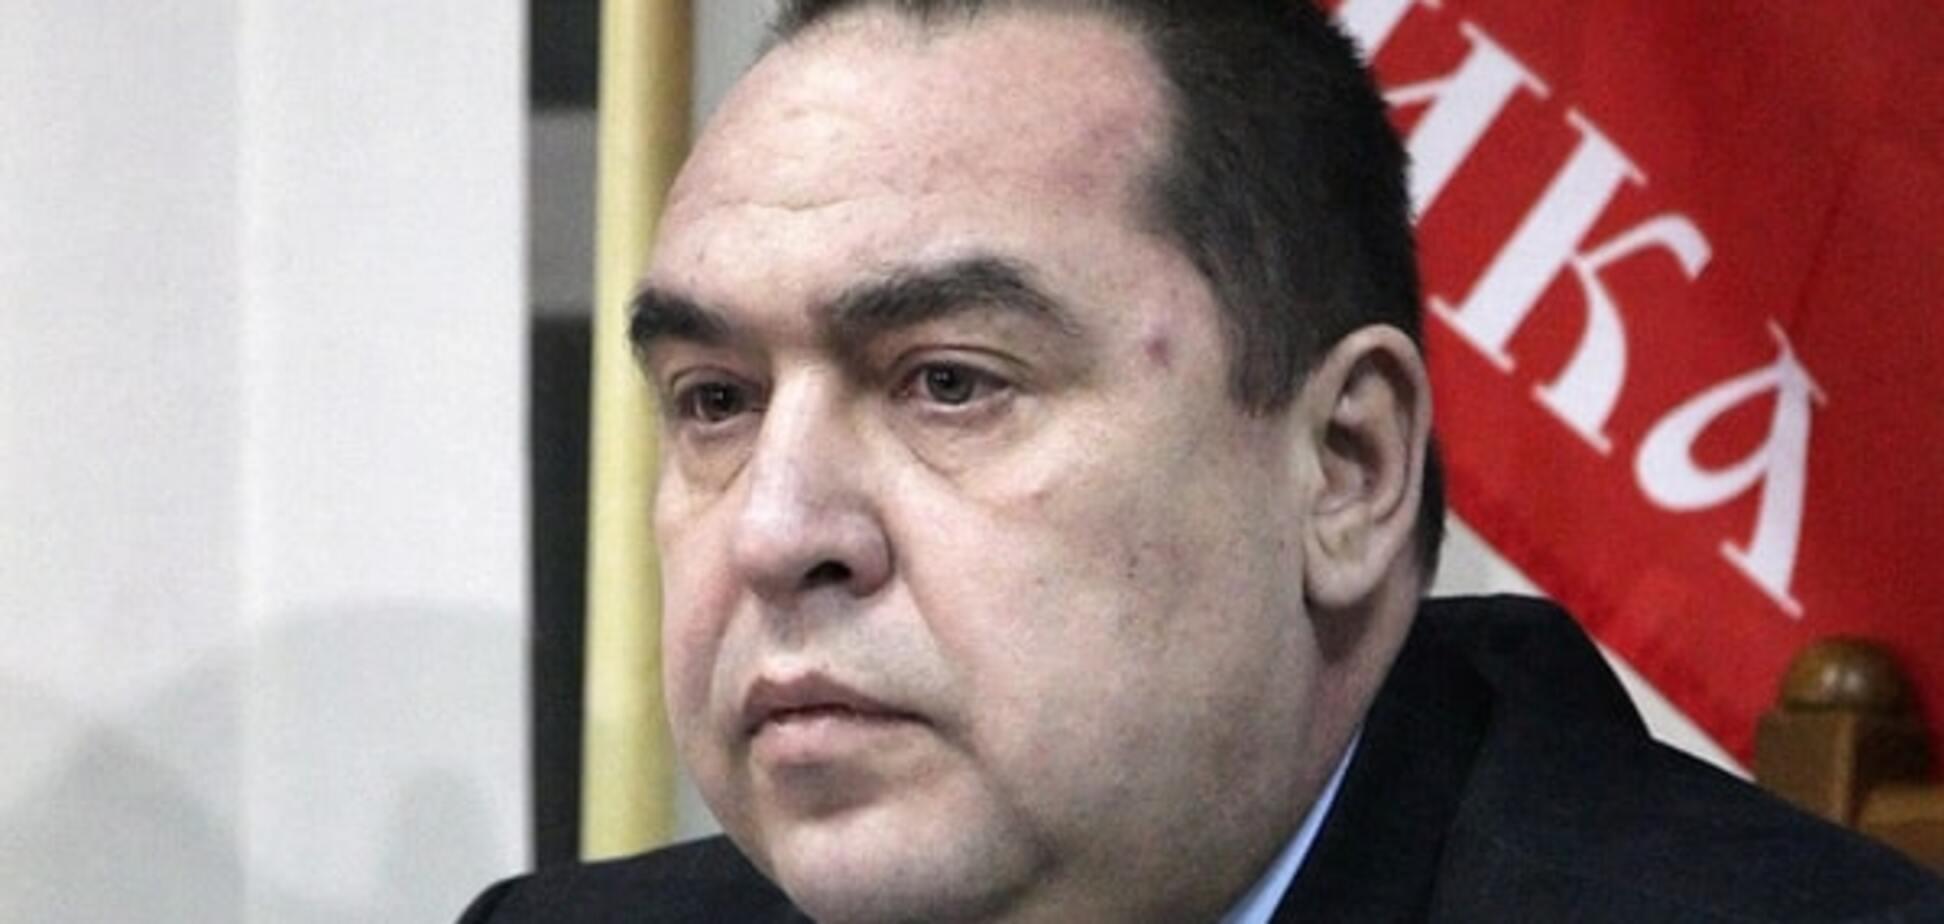 Ватажок 'ЛНР' наказав заарештувати свого 'міністра'